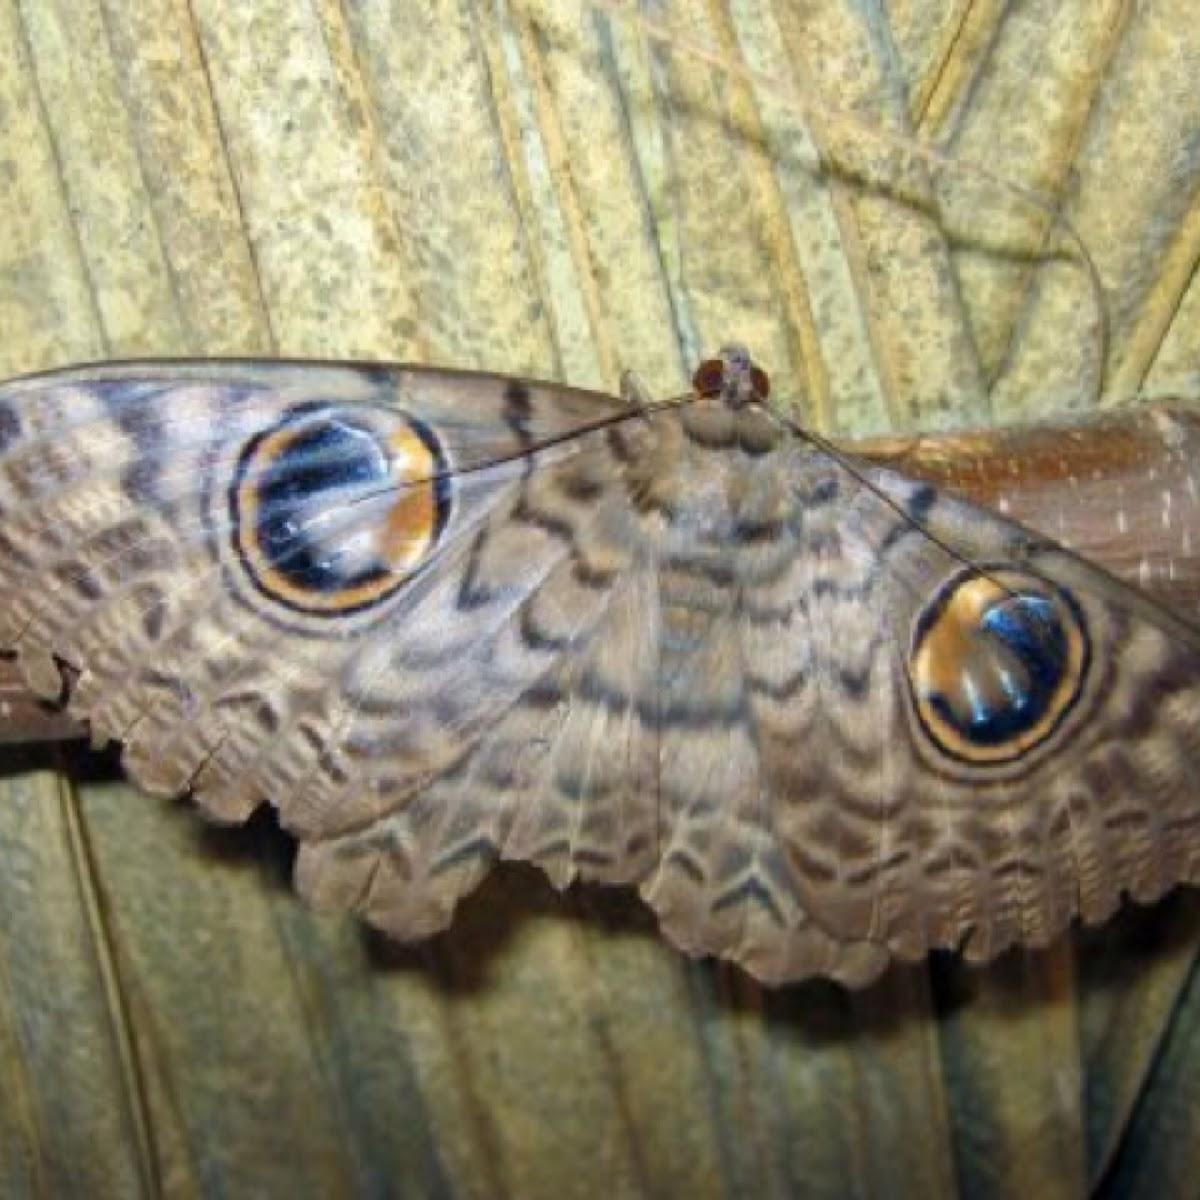 Erebus macrops